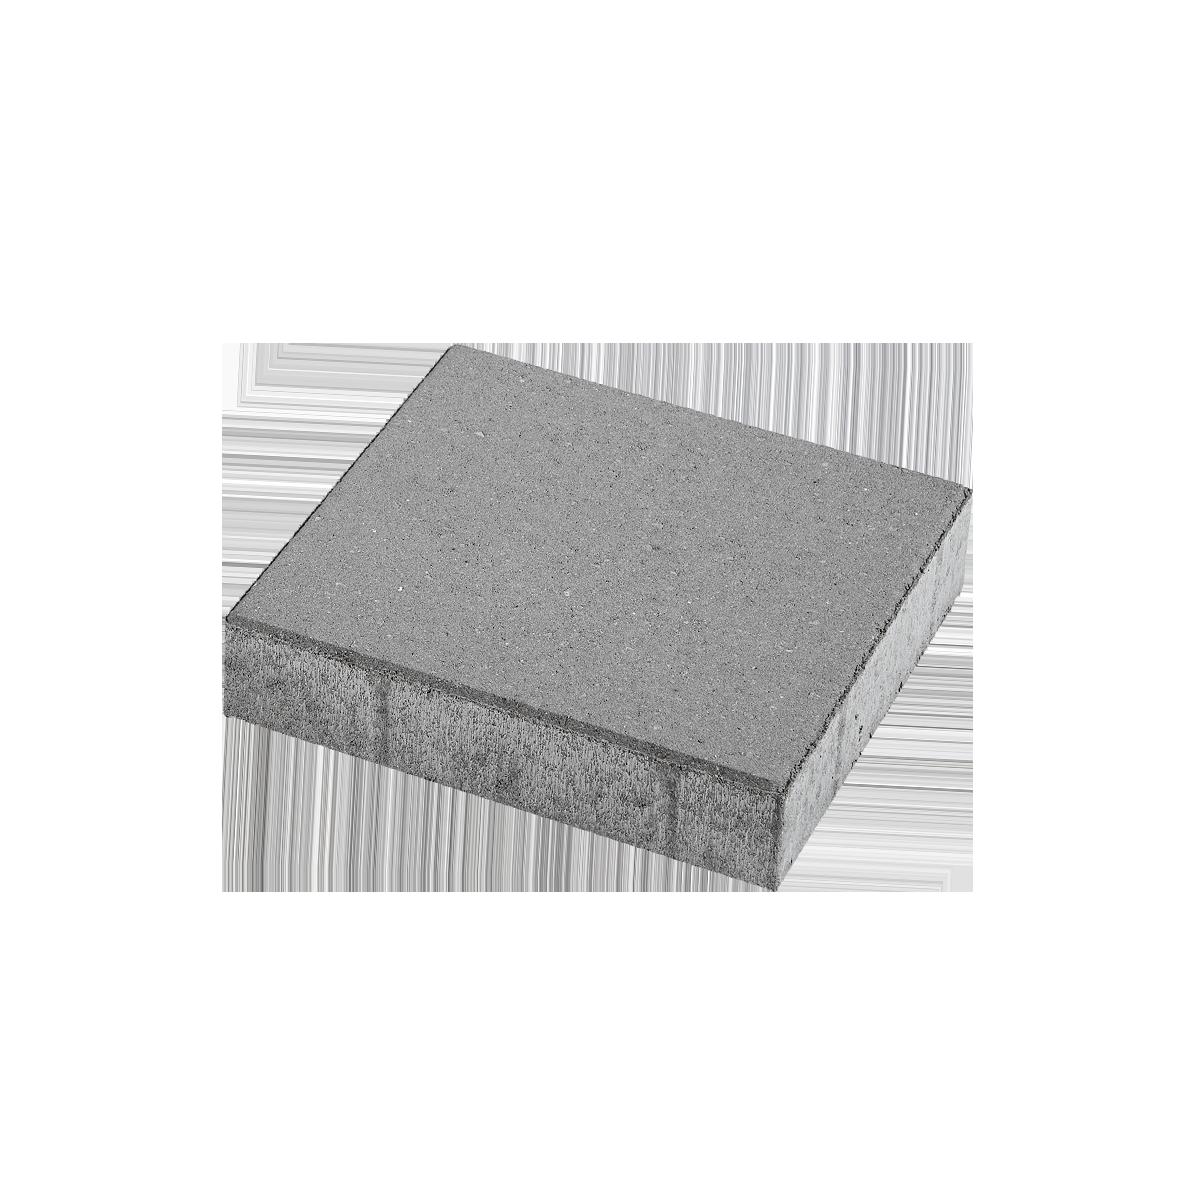 Fliser 30x30x6 cm Grå